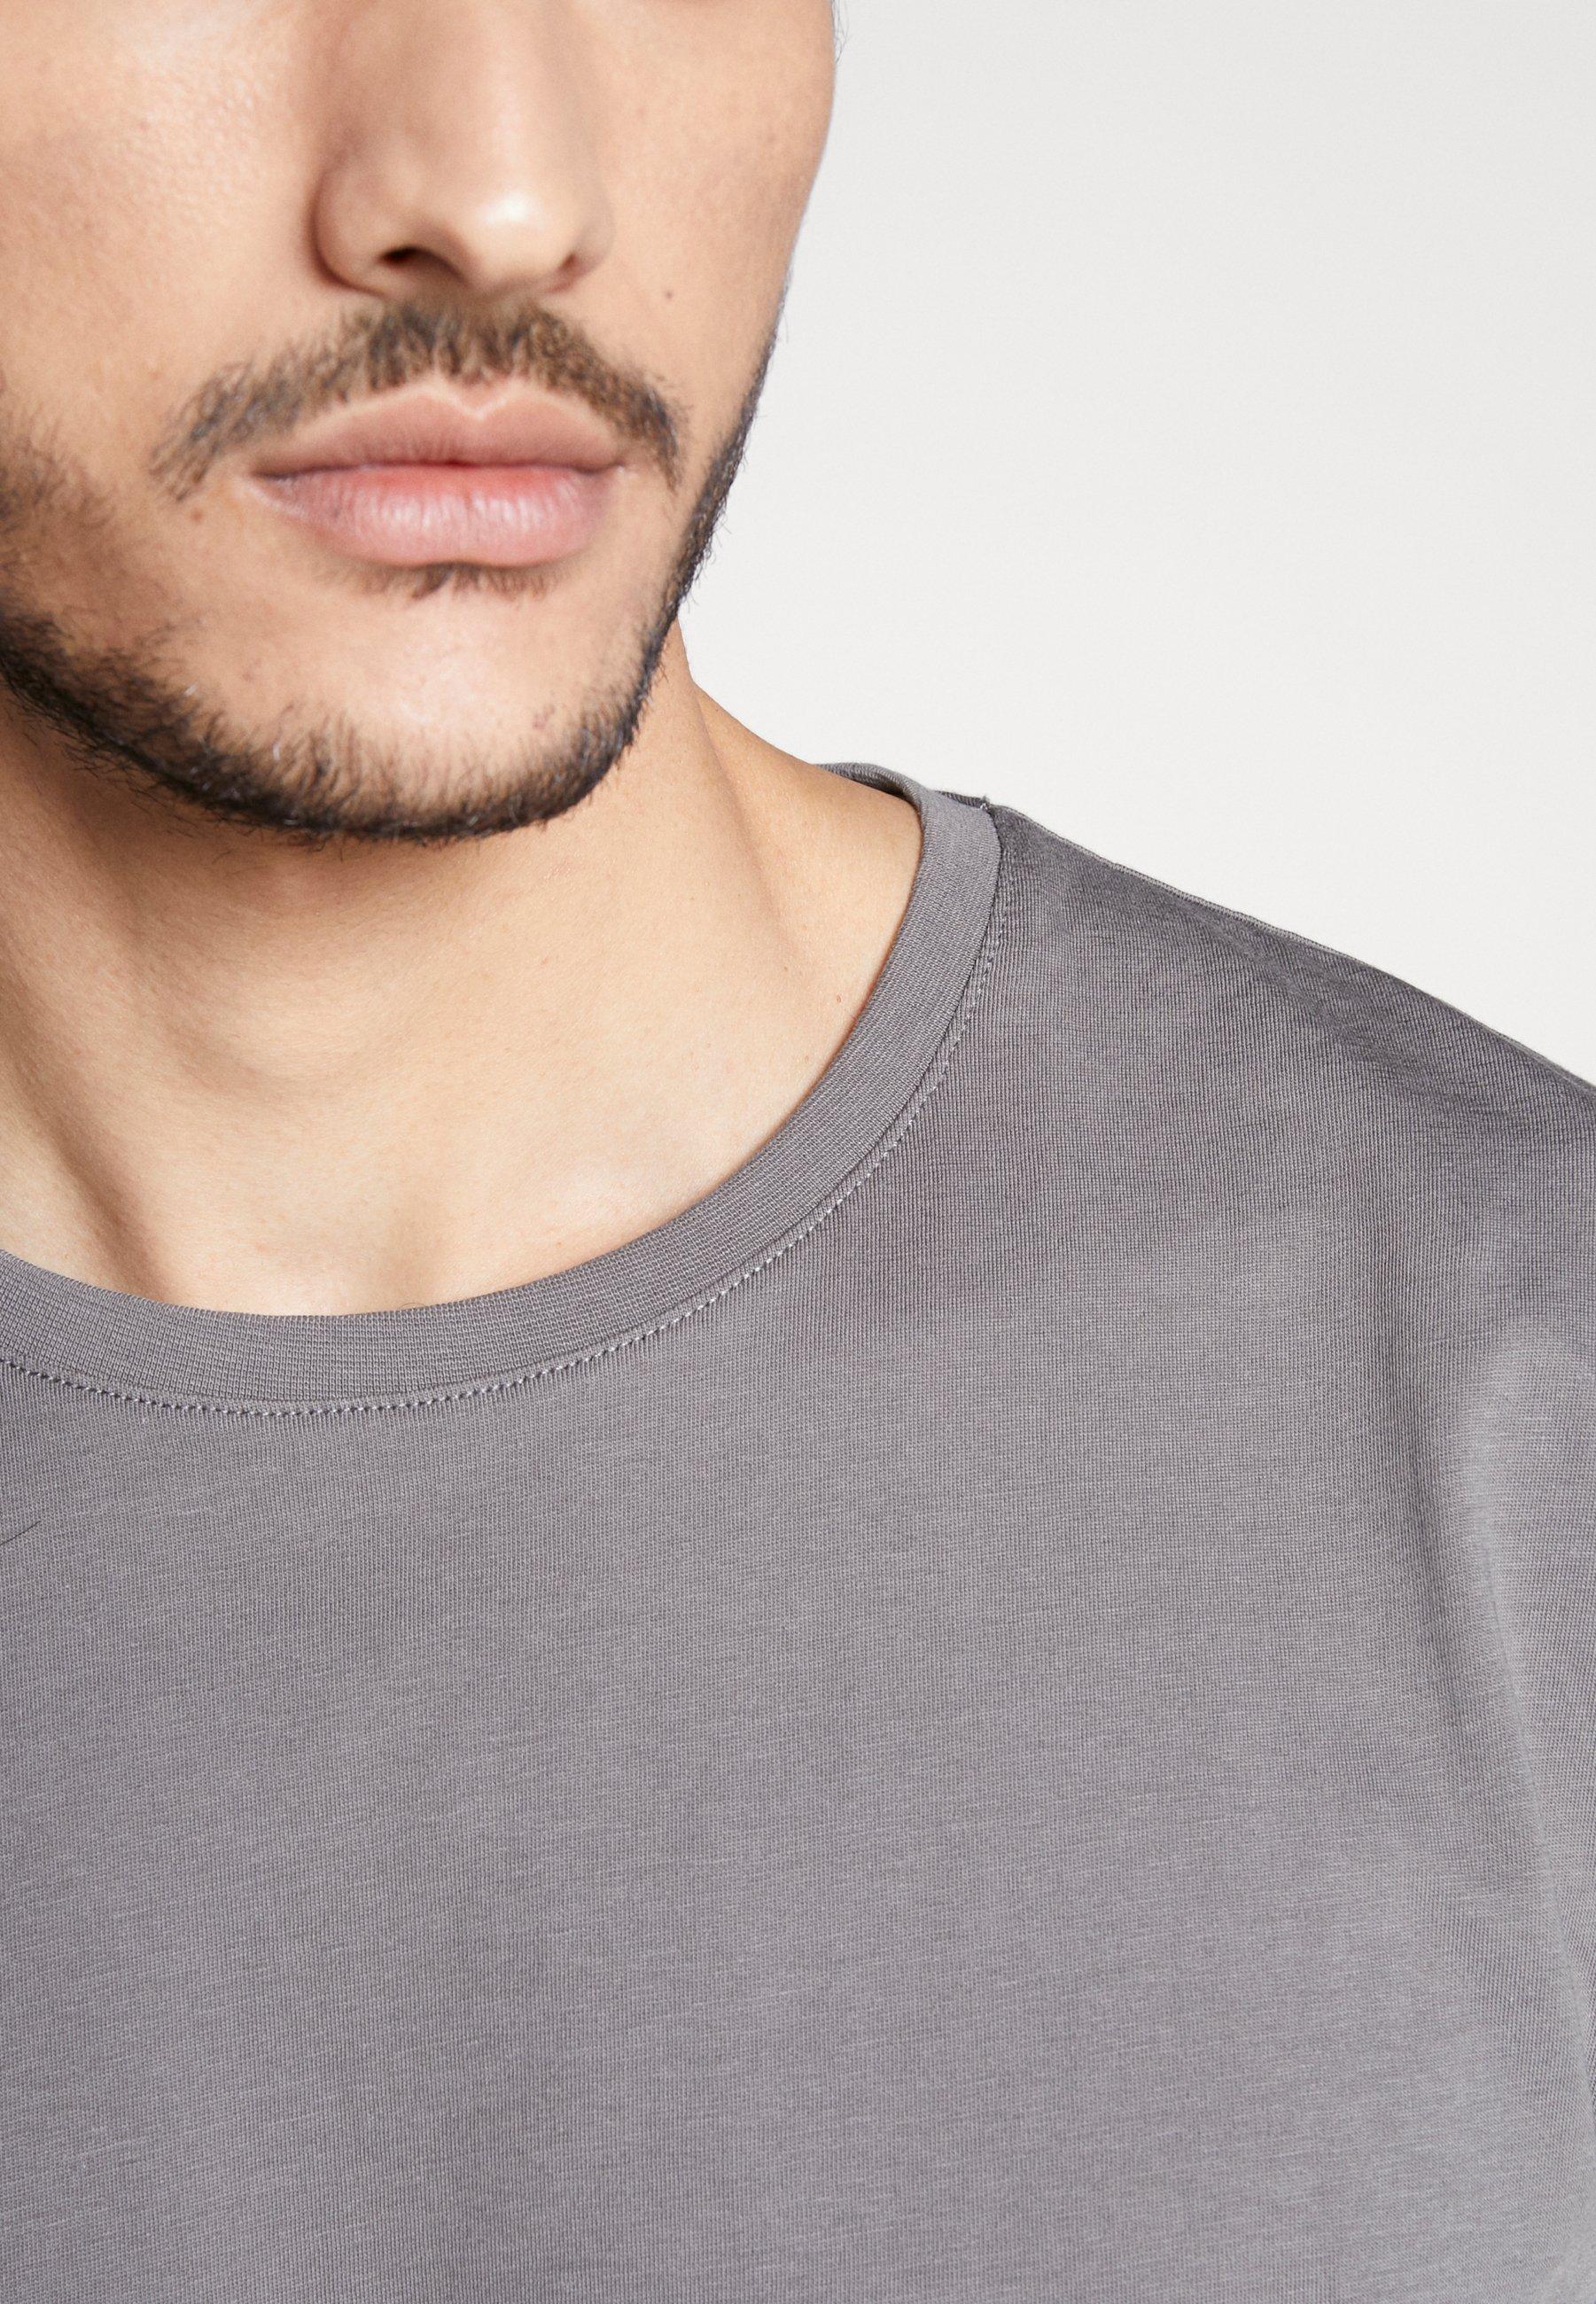 Esprit Basic T-shirt - dark grey 3mDzm